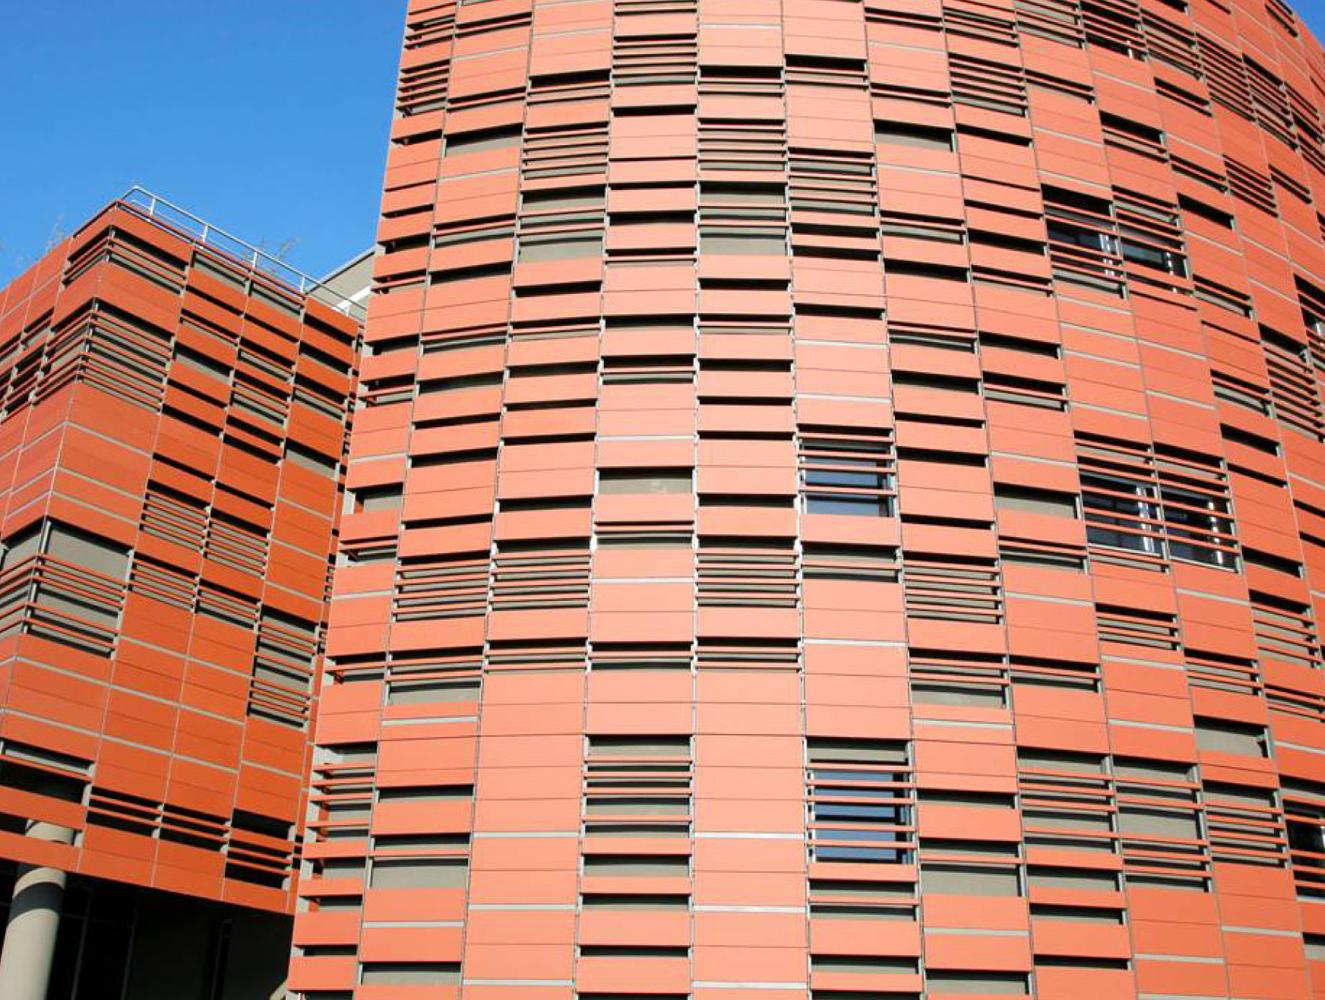 Nbk ceramic 2 hunter douglas - Productos para impermeabilizar fachadas ...